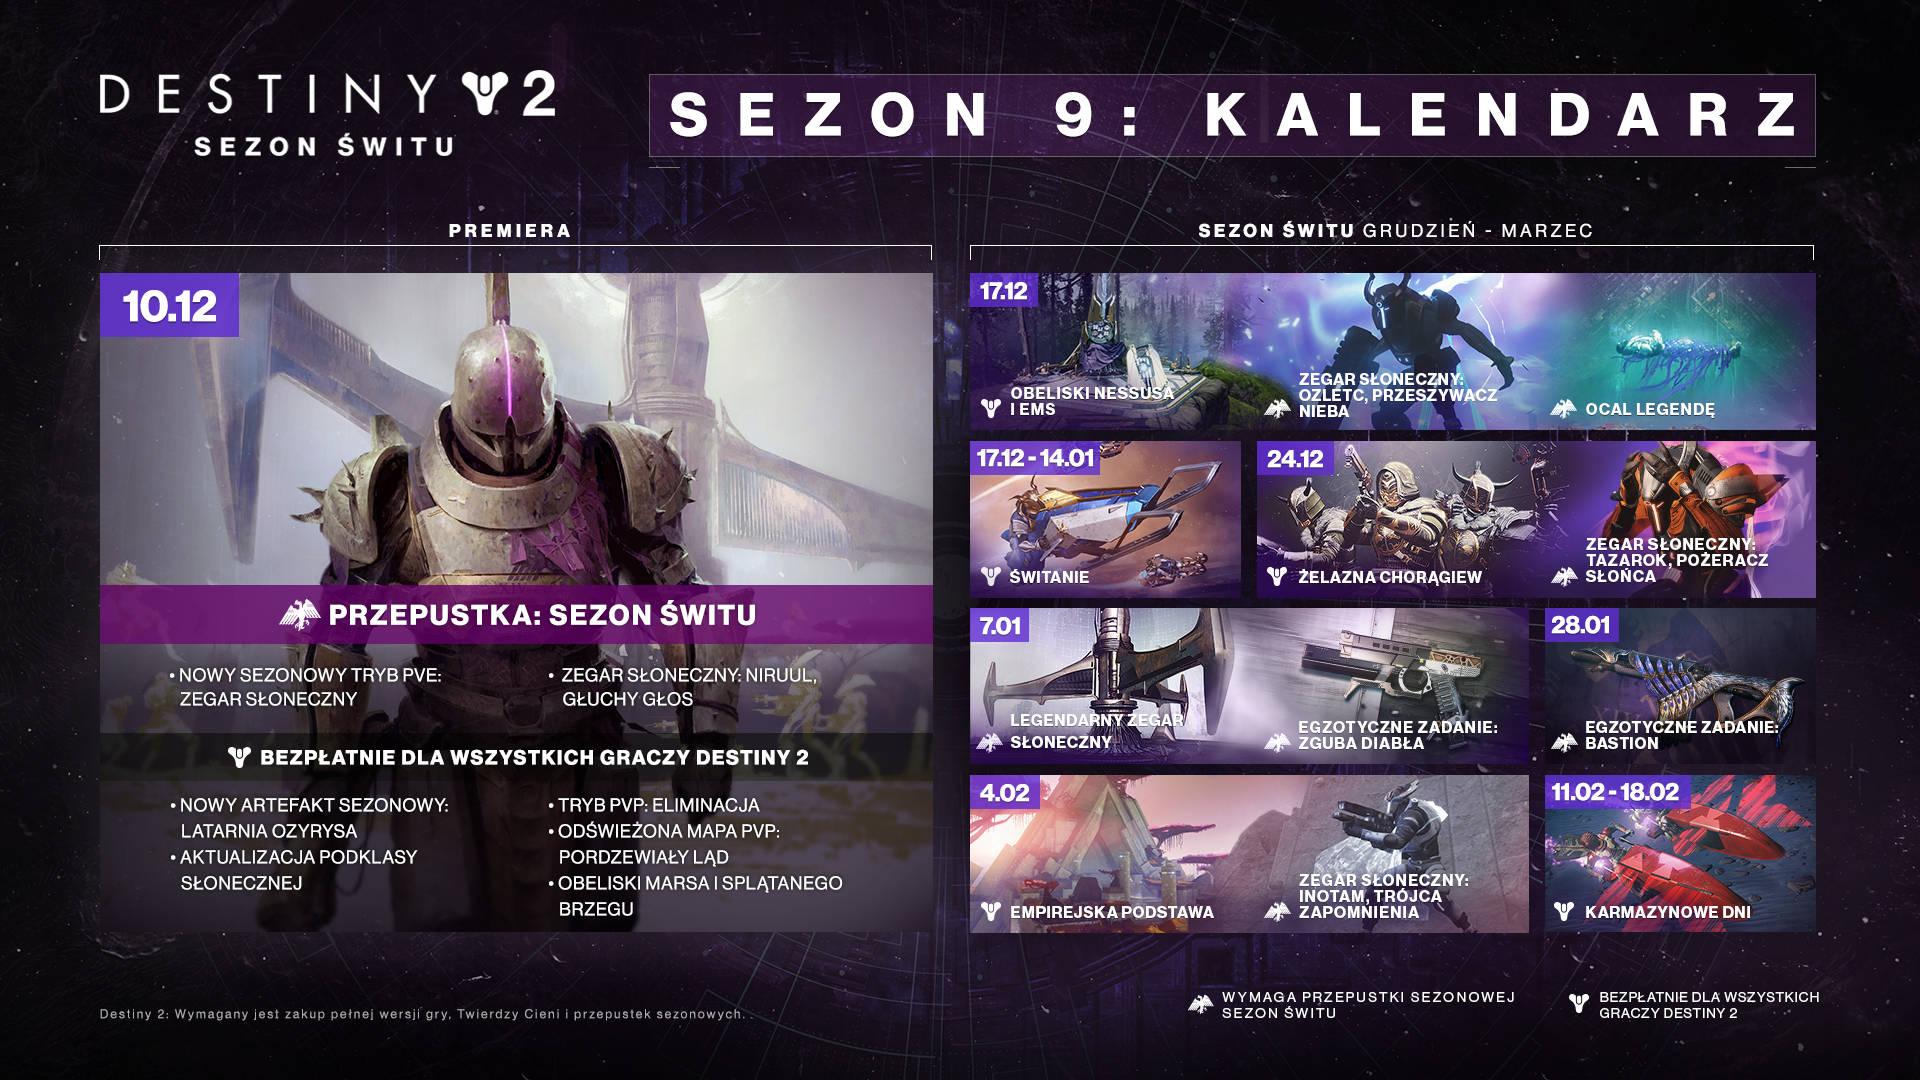 Nowy sezon Destiny 2 startuje już 10 grudnia 21